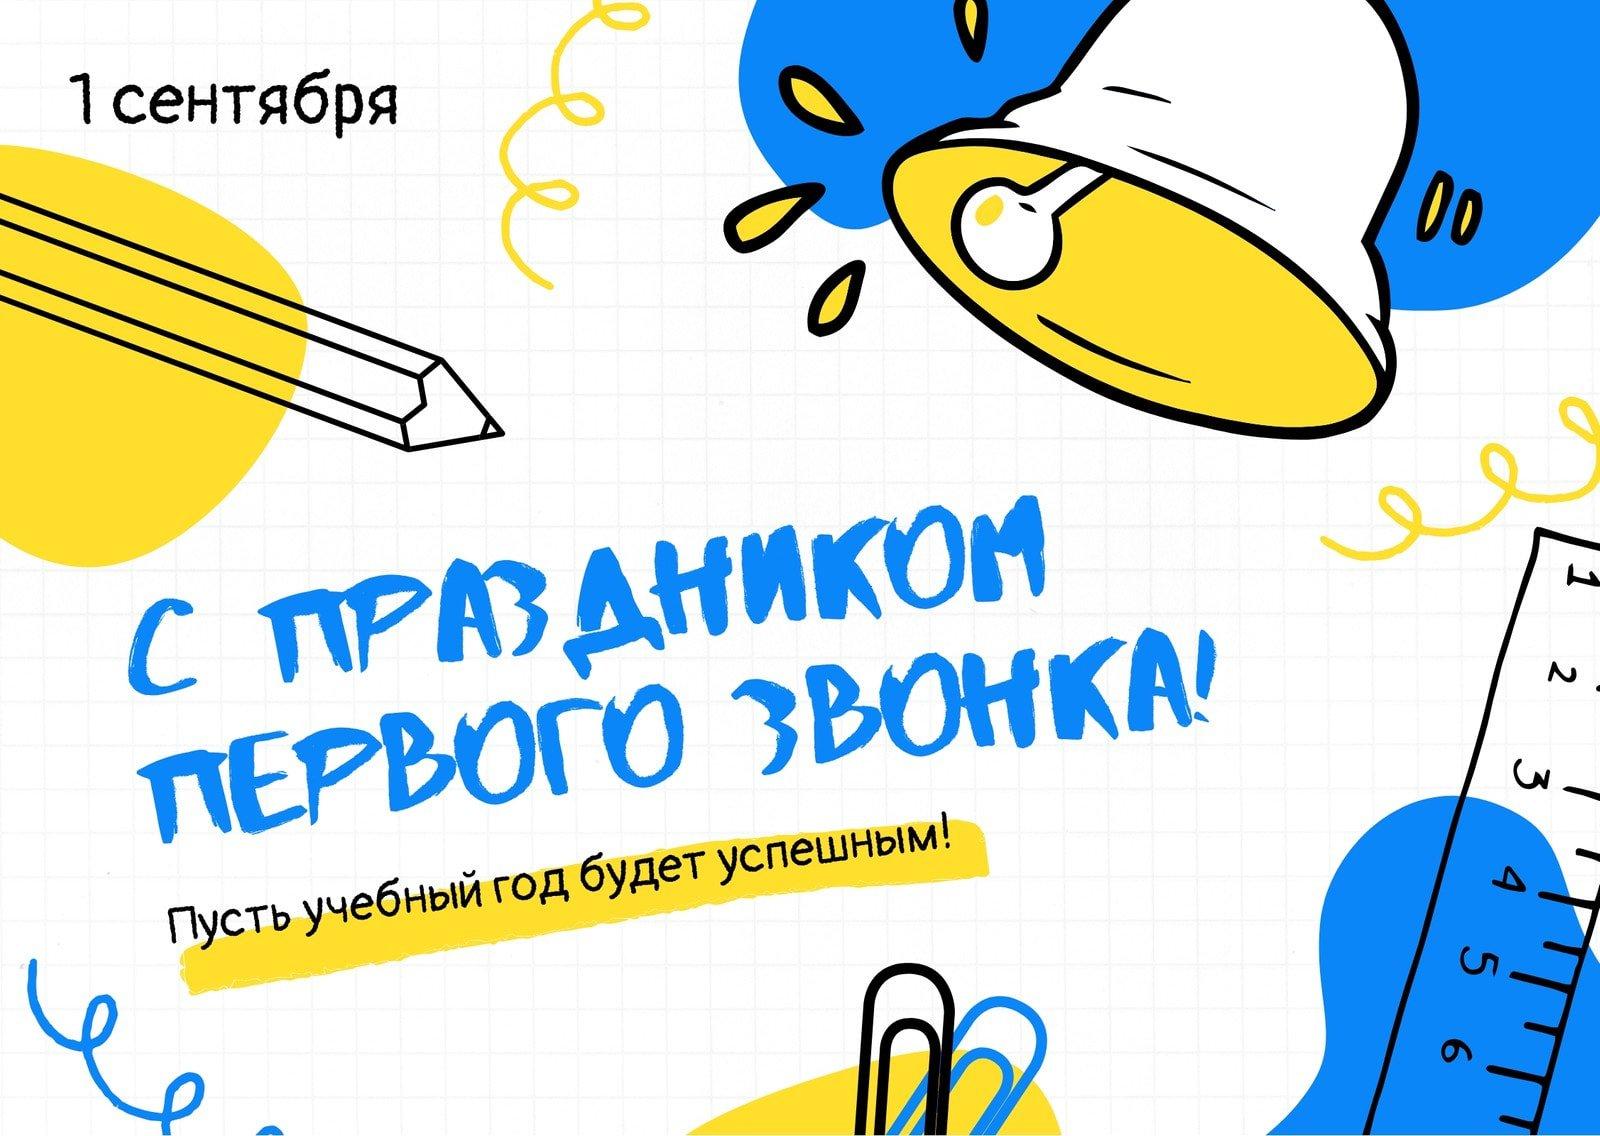 Белая открытка к первому звонку с сине-желтой графикой